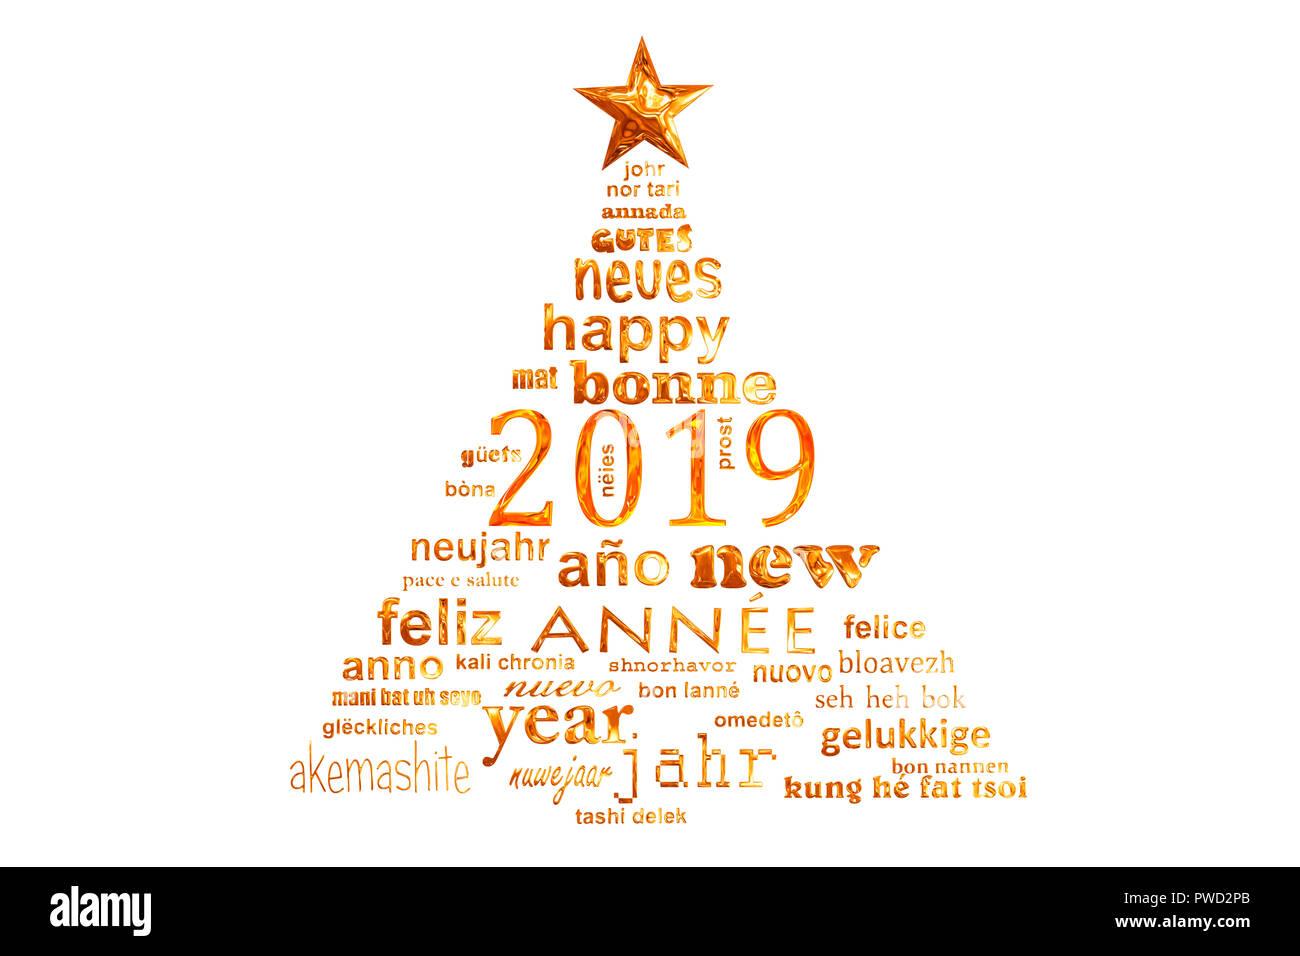 Imagenes Felicitacion Navidad 2019.2019 Ano Nuevo Texto Multilingue Palabra Cloud Tarjeta De